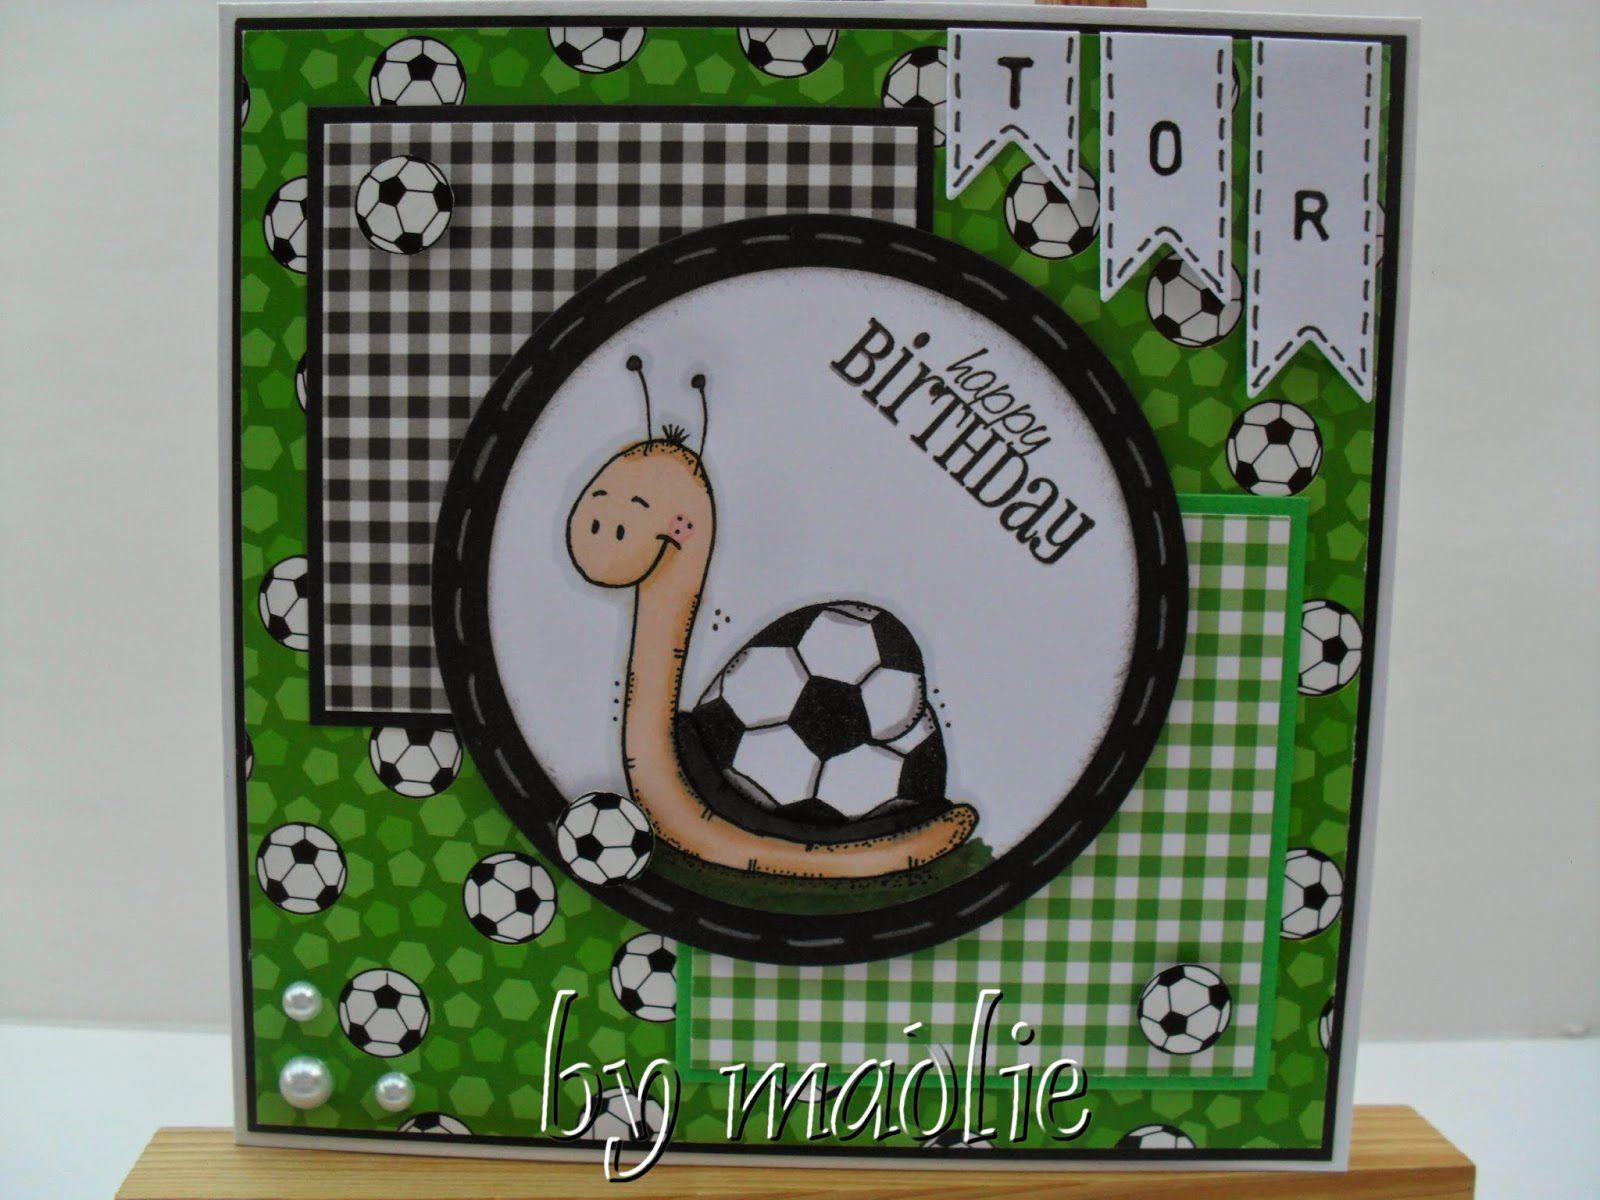 Geburtstagswünsche Fussball  60 Geburtstag Fußballer